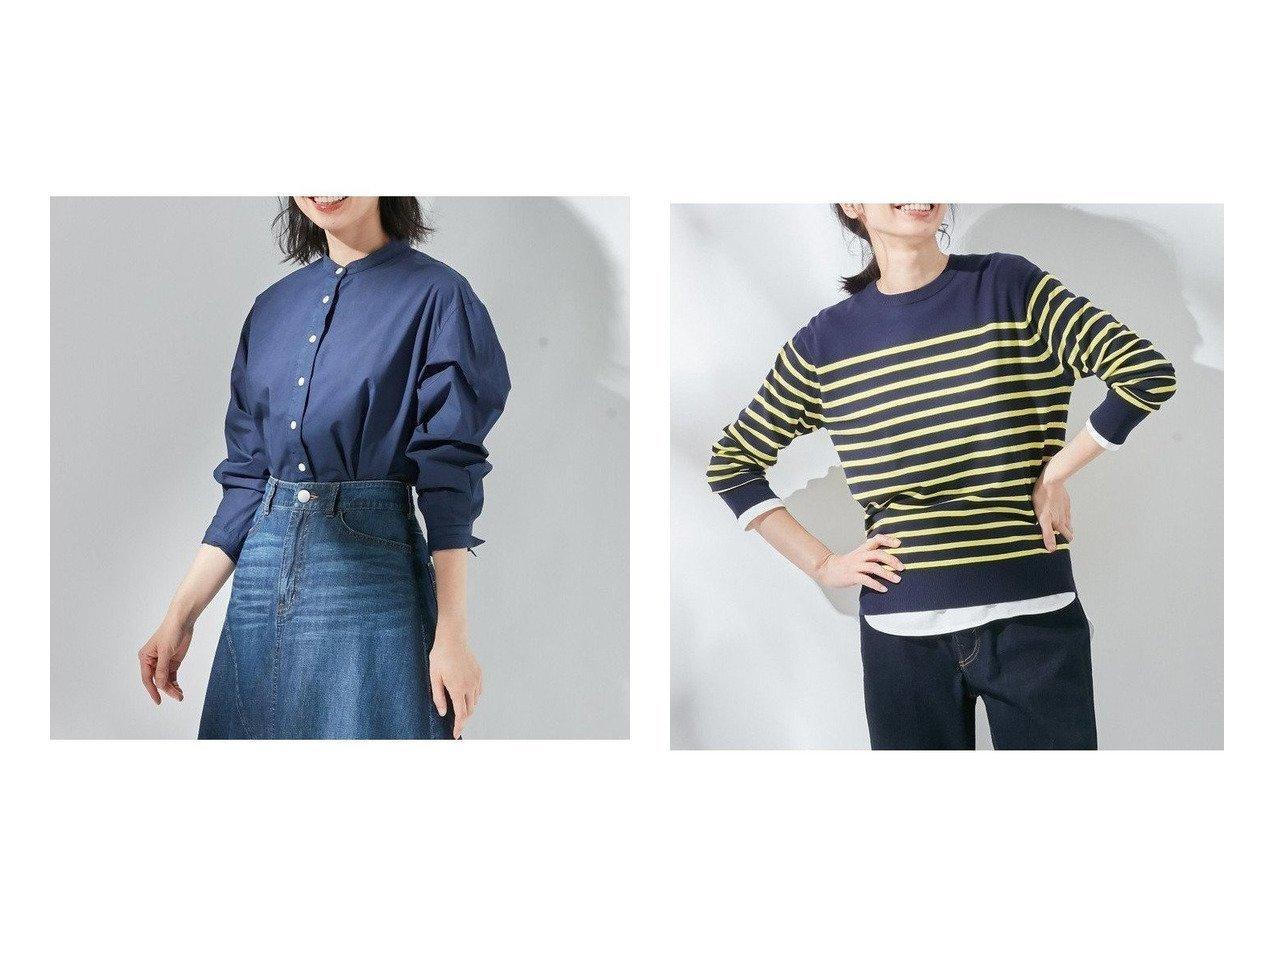 【KUMIKYOKU/組曲】の【KMKK】ピースダイ バンドカラーシャツ(KF25)&【KMKK】PE ニットアップ ボーダーニット(KF23) おすすめ!人気、トレンド・レディースファッションの通販 おすすめで人気の流行・トレンド、ファッションの通販商品 メンズファッション・キッズファッション・インテリア・家具・レディースファッション・服の通販 founy(ファニー) https://founy.com/ ファッションモデル・俳優・女優 Models 女性 Women 東原亜希 Higashihara Aki ファッション Fashion レディースファッション WOMEN トップス・カットソー Tops/Tshirt シャツ/ブラウス Shirts/Blouses ニット Knit Tops セットアップ Setup トップス Tops 秋 Autumn/Fall シルク ストライプ ベーシック ボトム 無地 2021年 2021 S/S・春夏 SS・Spring/Summer 2021春夏・S/S SS/Spring/Summer/2021 おすすめ Recommend コンパクト 抗菌 ストレッチ セーター フィット ボーダー |ID:crp329100000037166